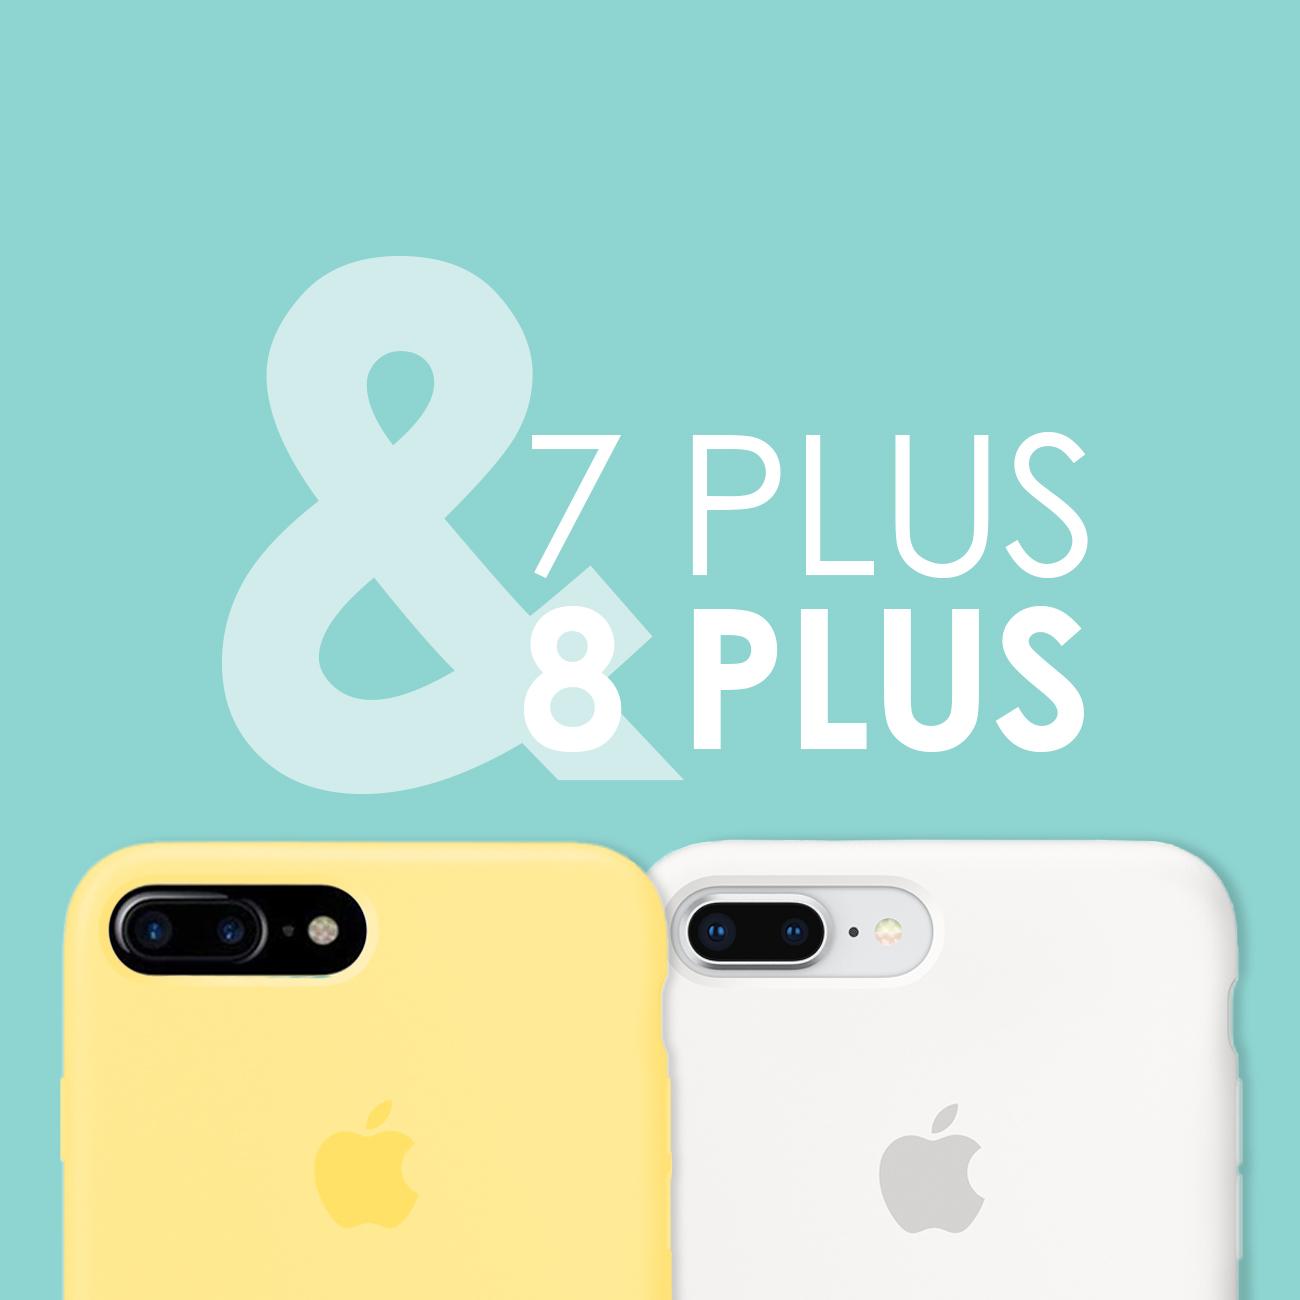 IPHONE 7 PLUS & 8 PLUS.jpg